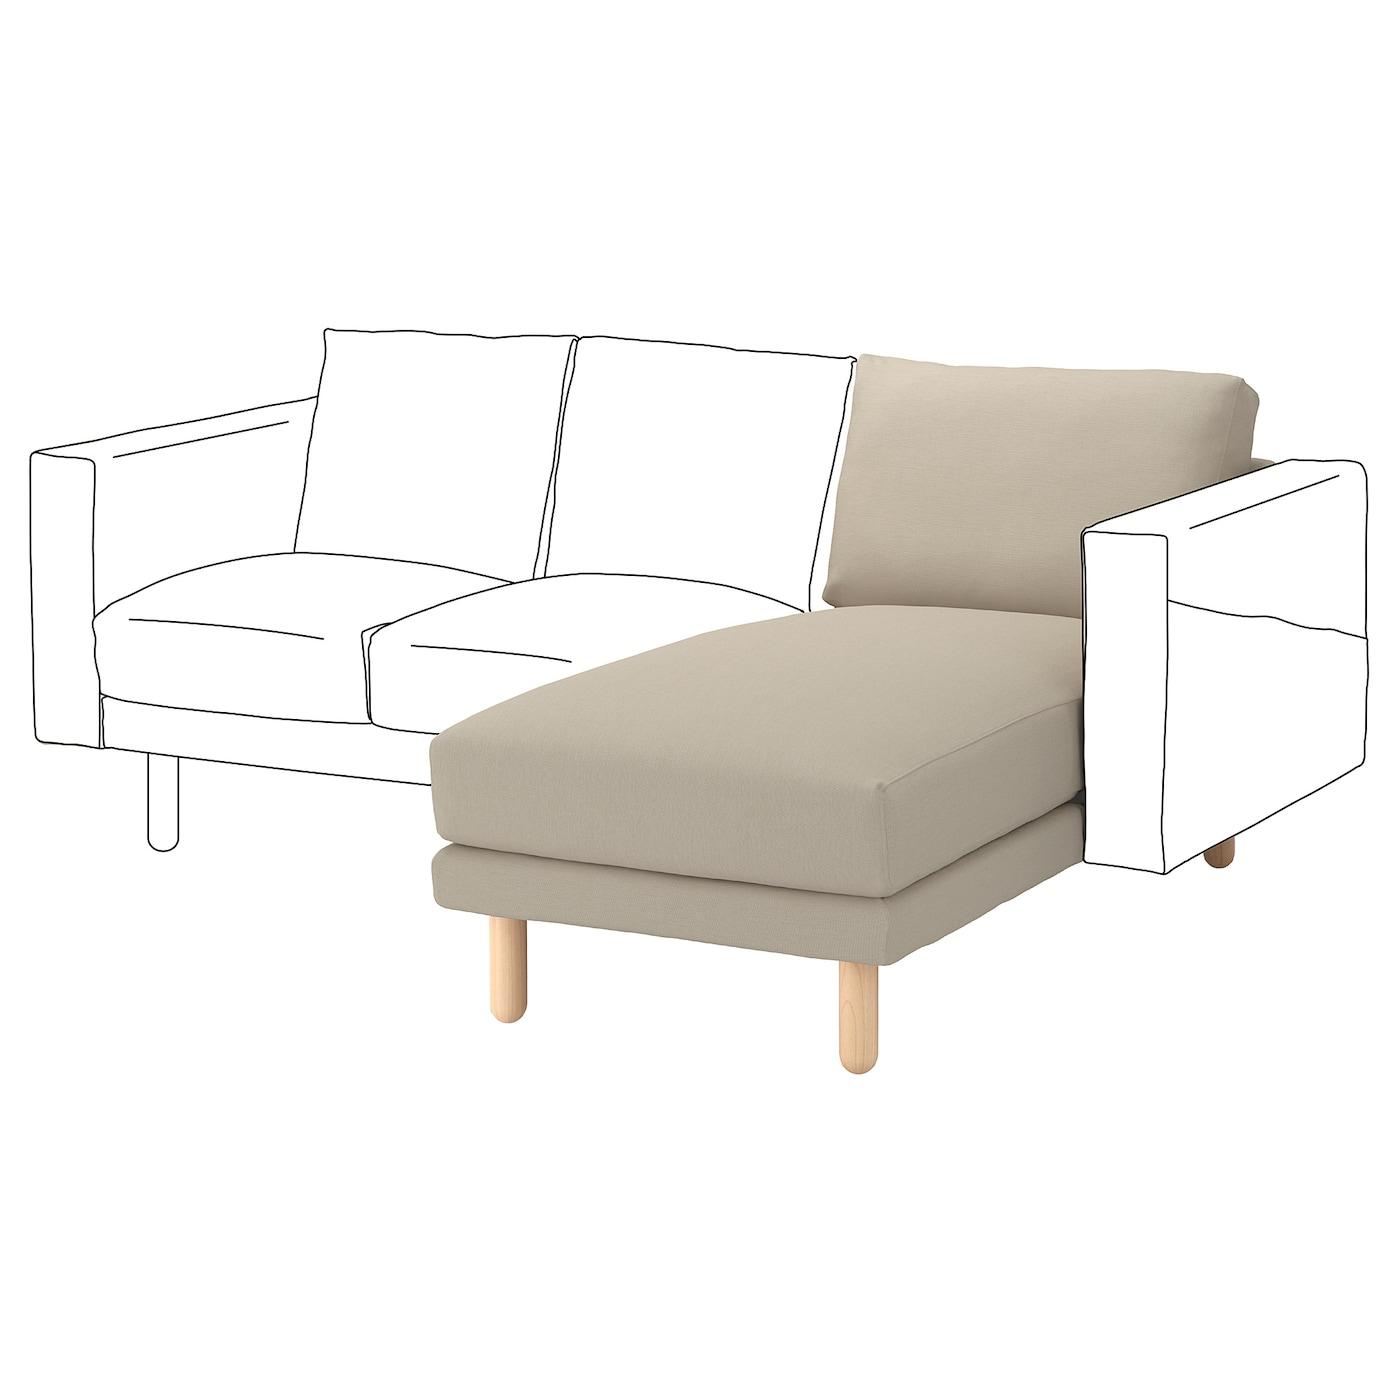 NORSBORG 3er-Sofa - Finnsta dunkelgrau, Birke - IKEA